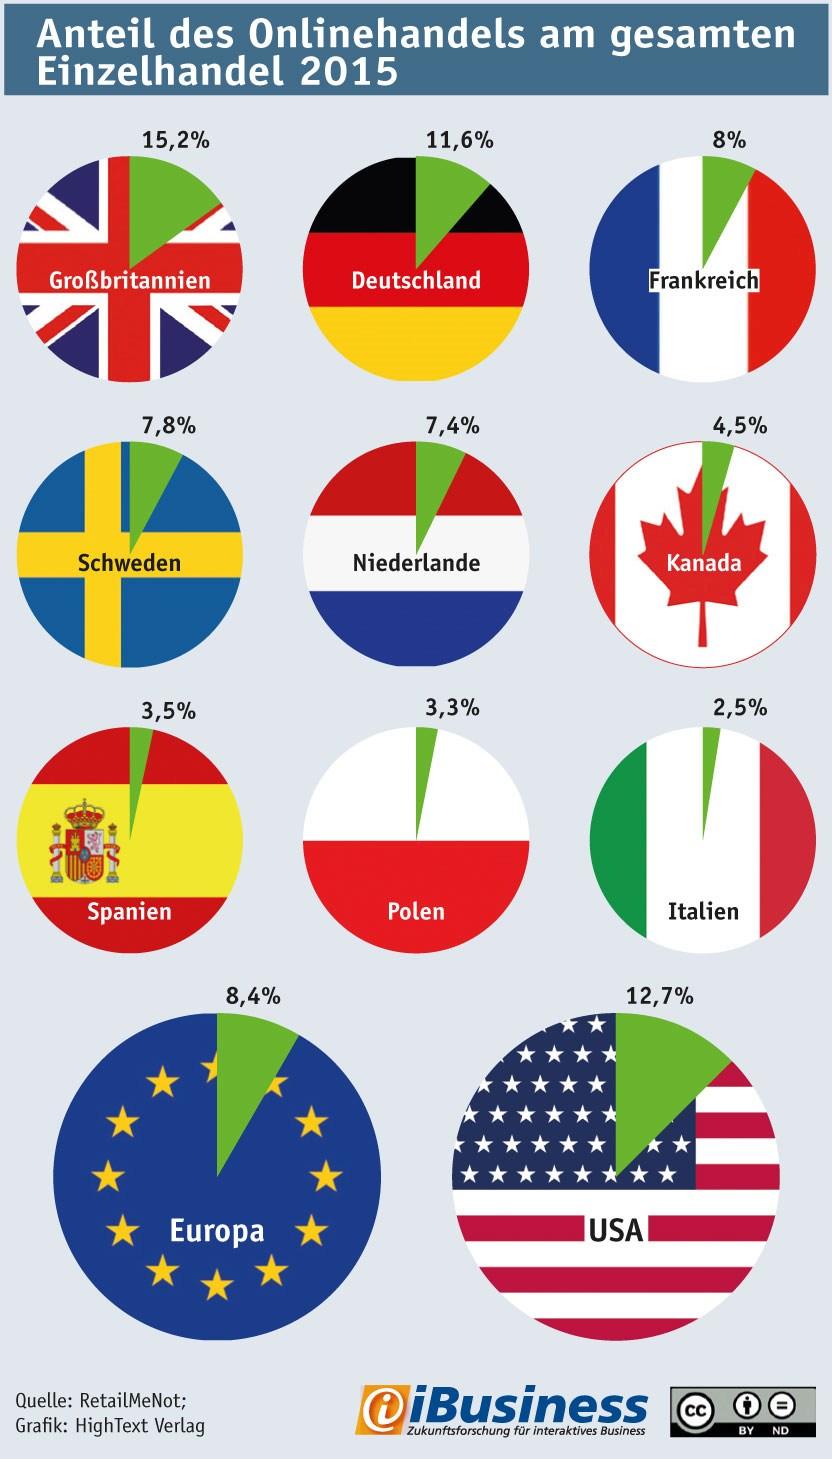 grafik ibusiness retailmenot anteil onlinehandel länder